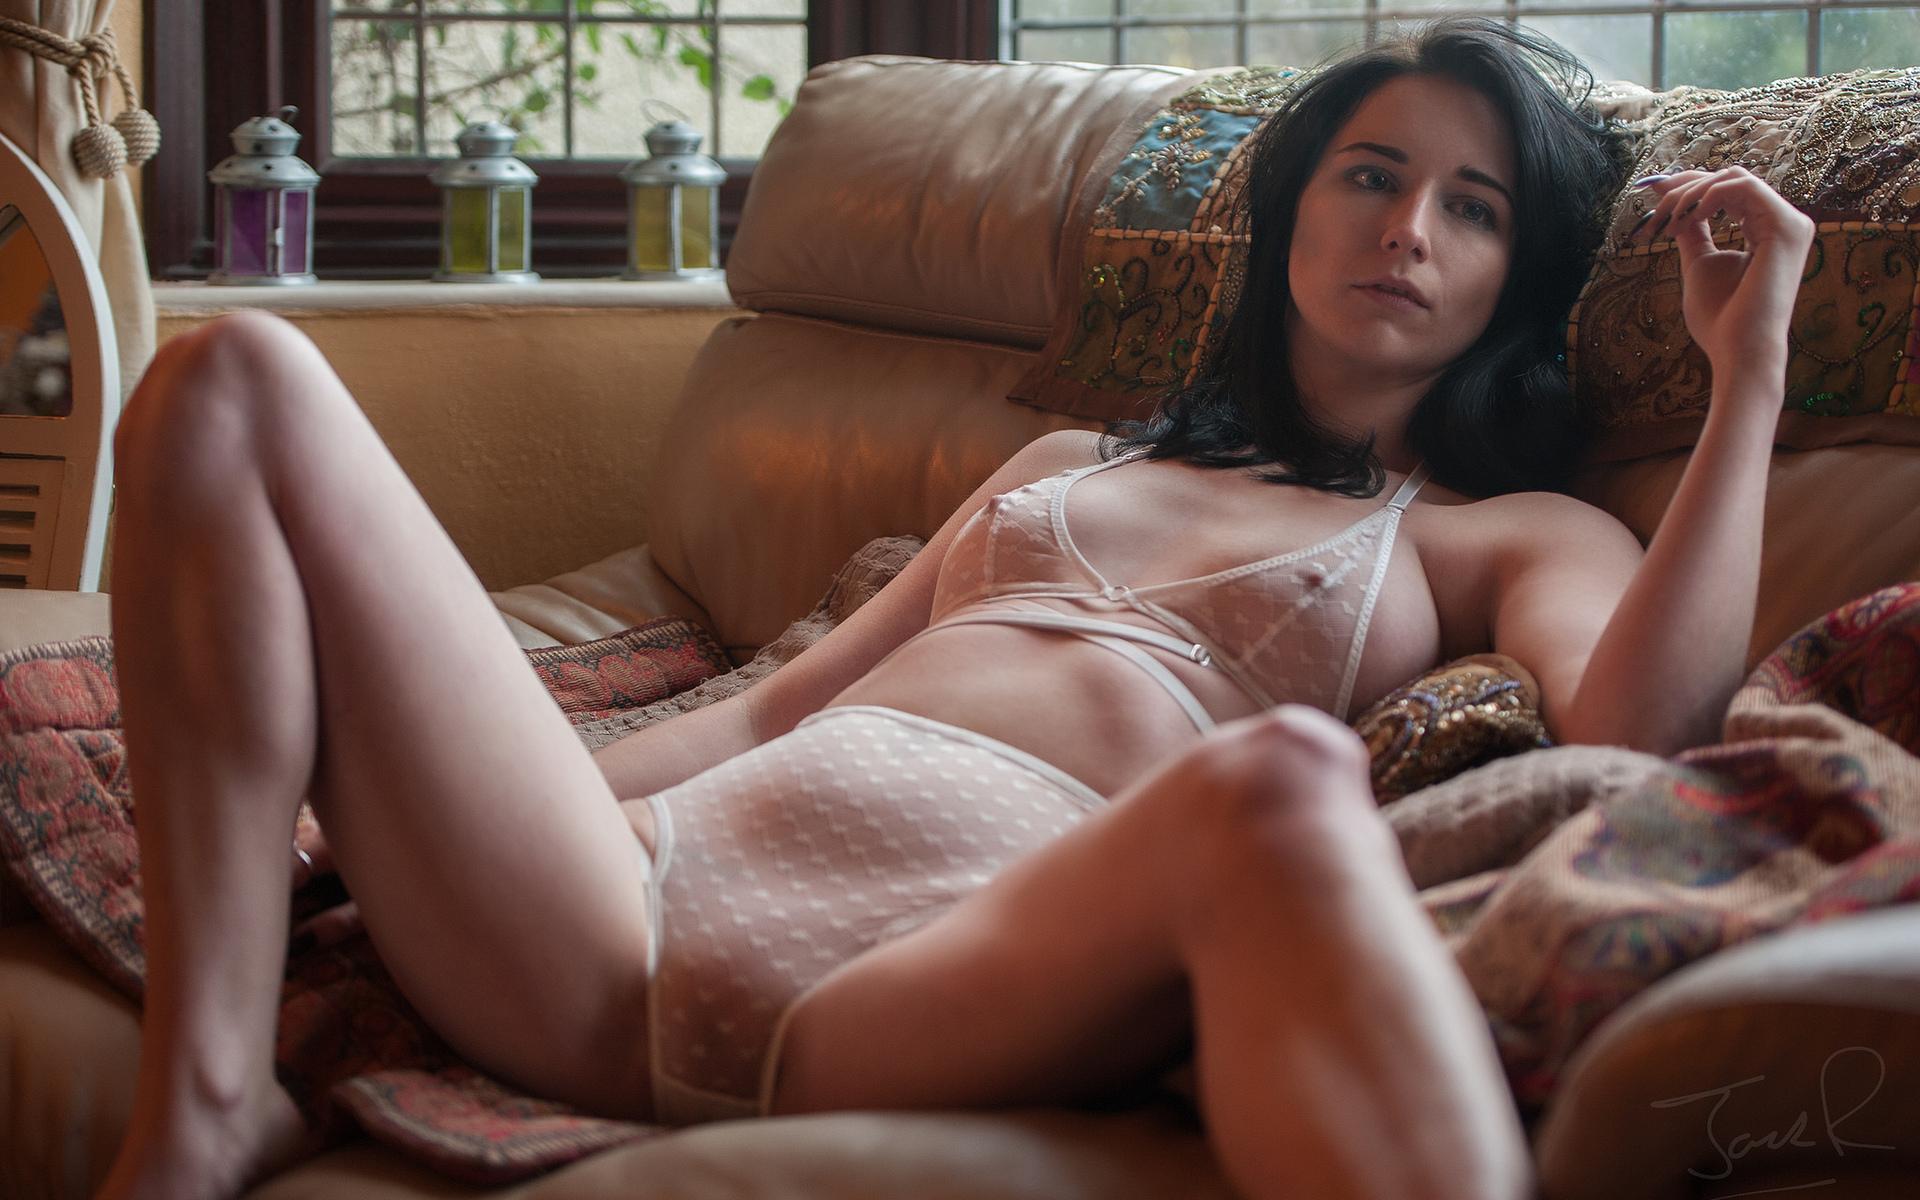 Фото дев для взрослых, Порно фото взрослые девушки смотреть бесплатно 17 фотография